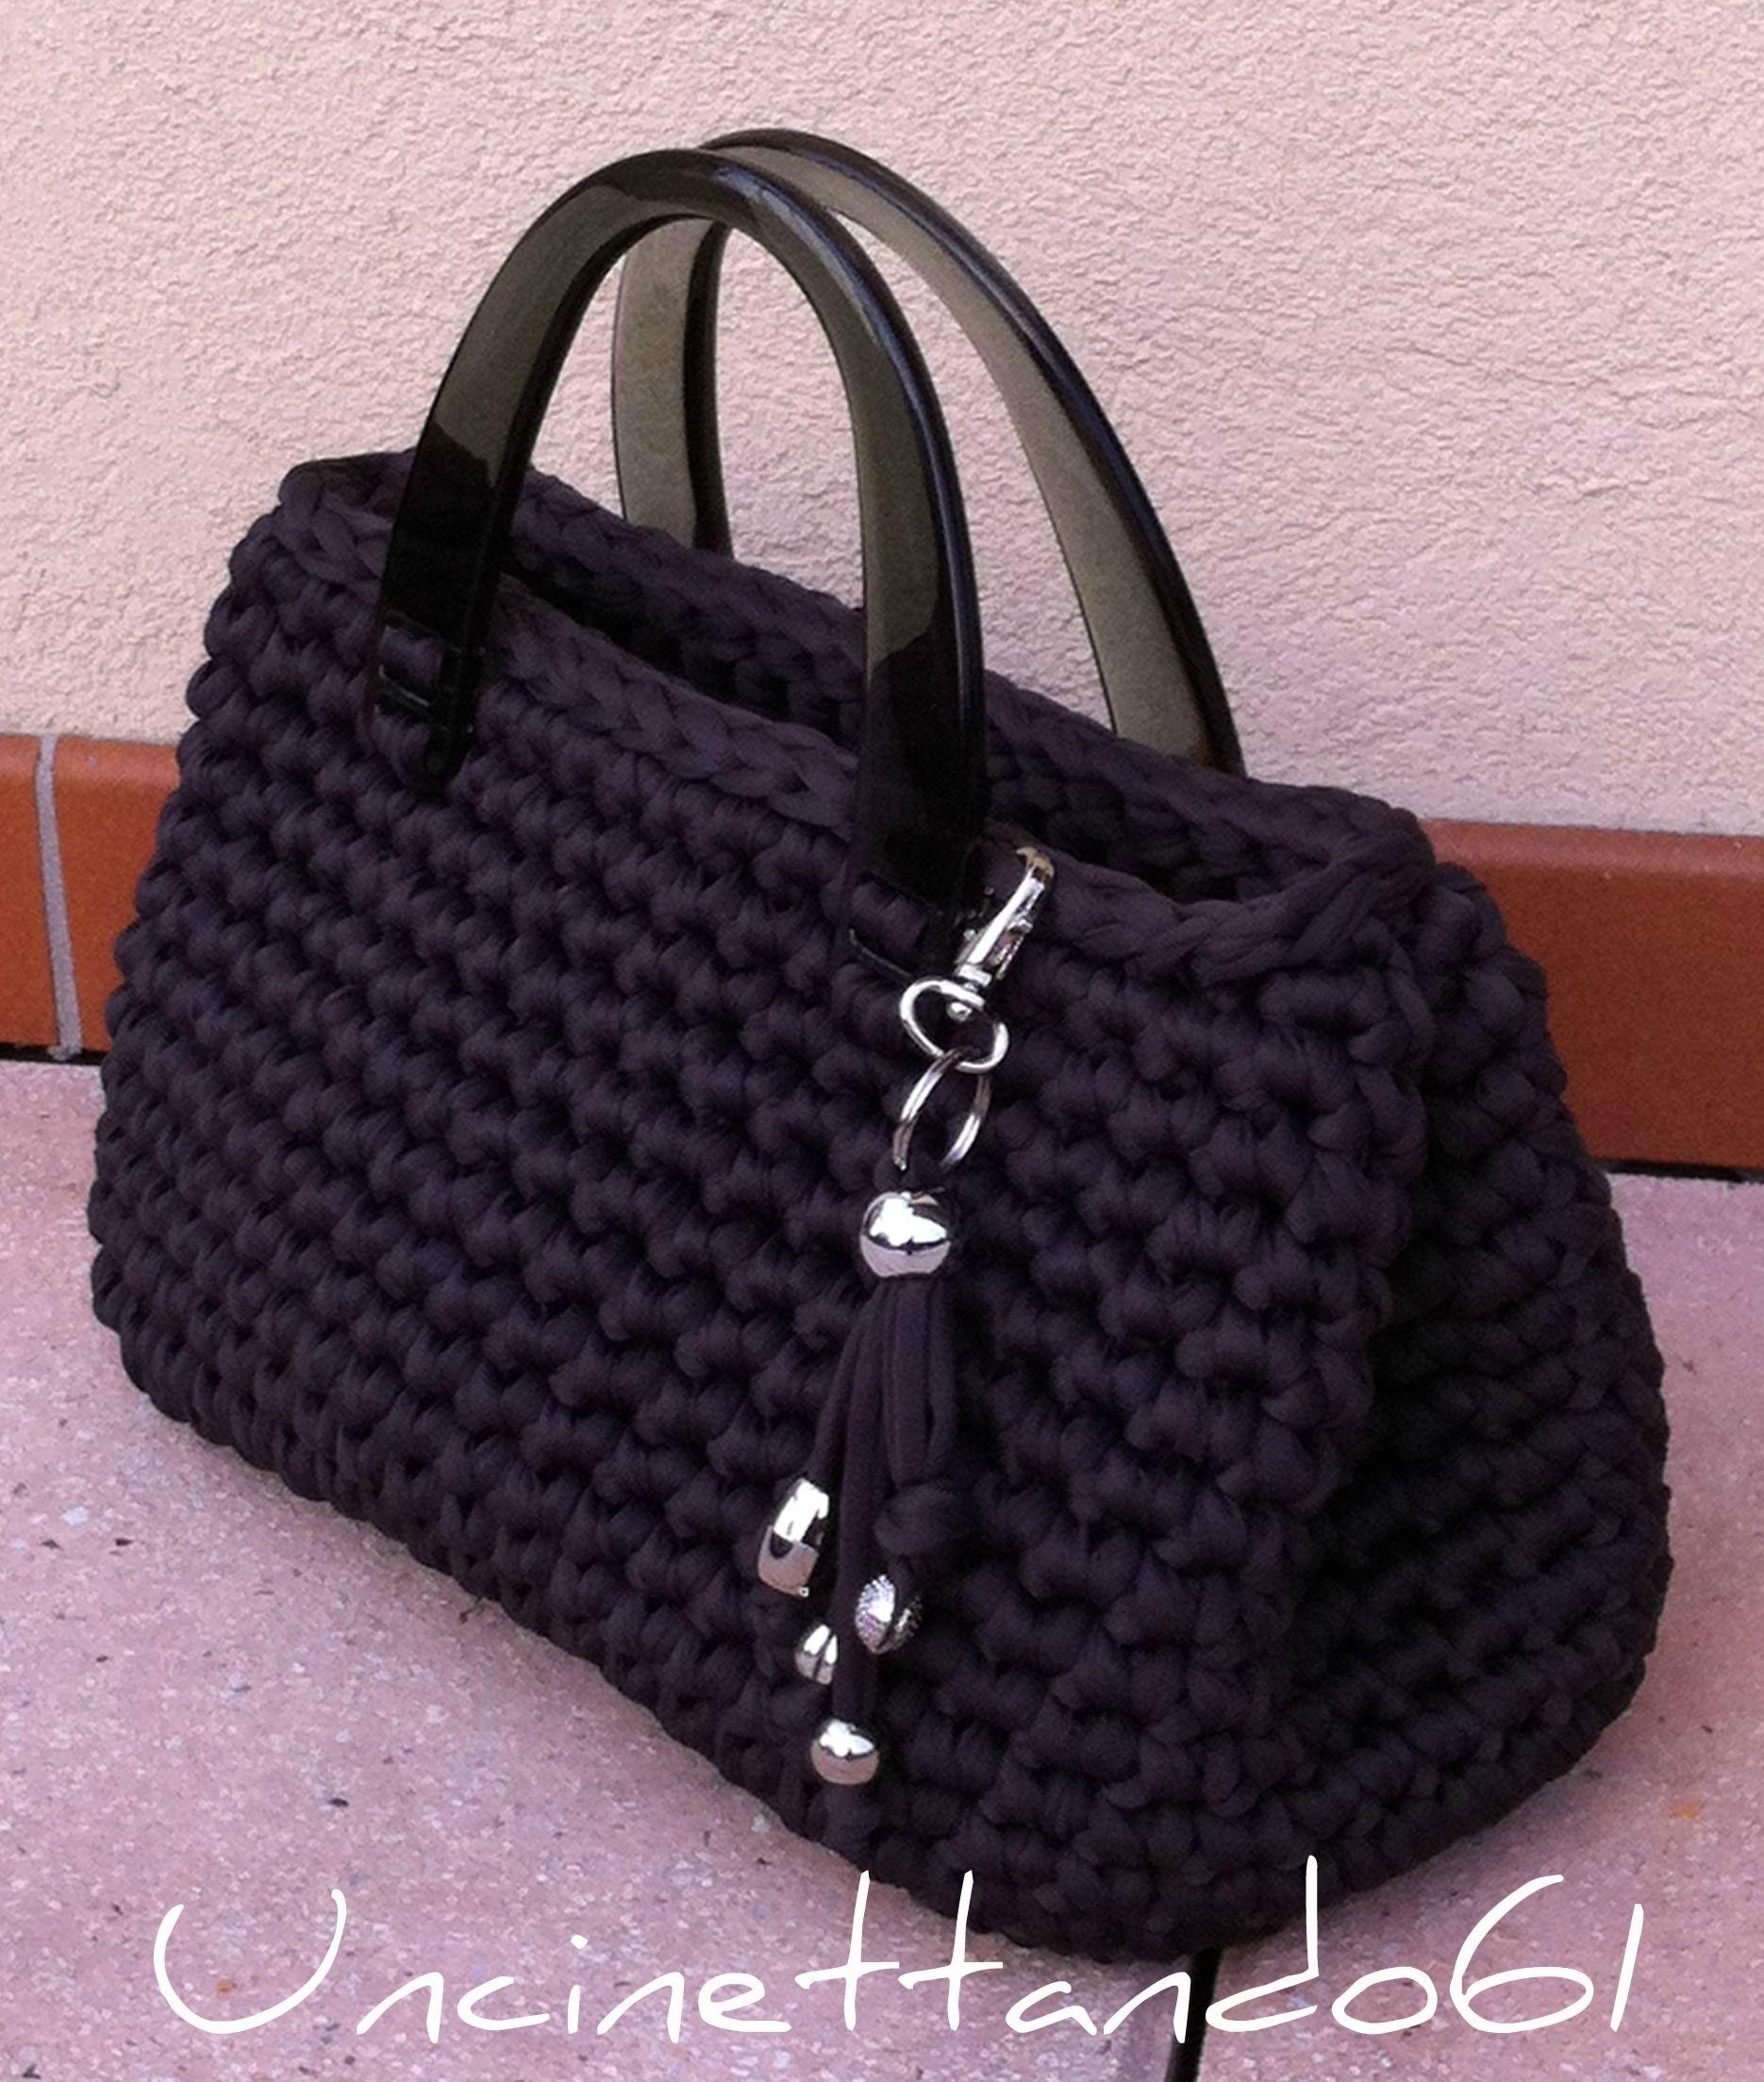 più amato 0aa26 52600 Crochet bag | Bolsos y carteras | Borse fatte all'uncinetto ...